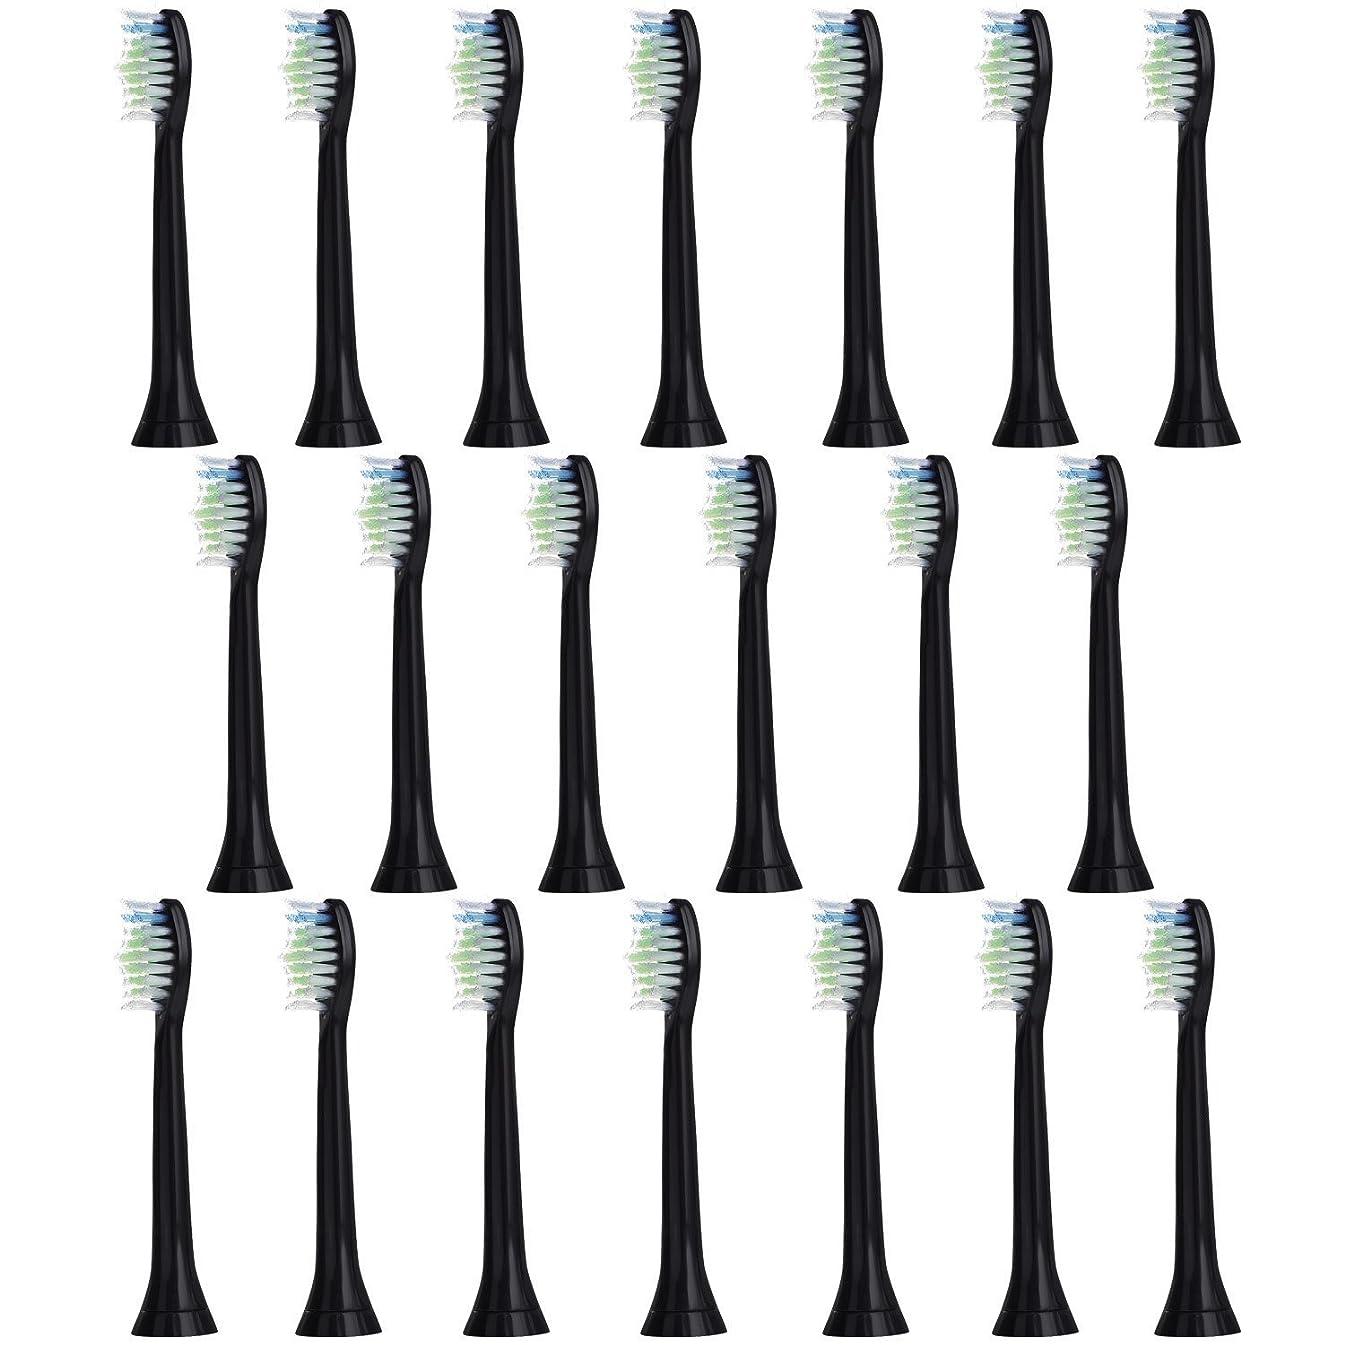 証言嘆願政治的20個セット (5x4) E-Cron? Philips ソニッケアーダイヤモンドクリーン ブラック替ブラシ。次のフィリップス電動歯ブラシのモデルとの完全互換性があります: DiamondClean、FlexCare、FlexCare Platinum、 FlexCare(+)、 HealthyWhite、2シリーズ、EasyClean およびPowerUp。